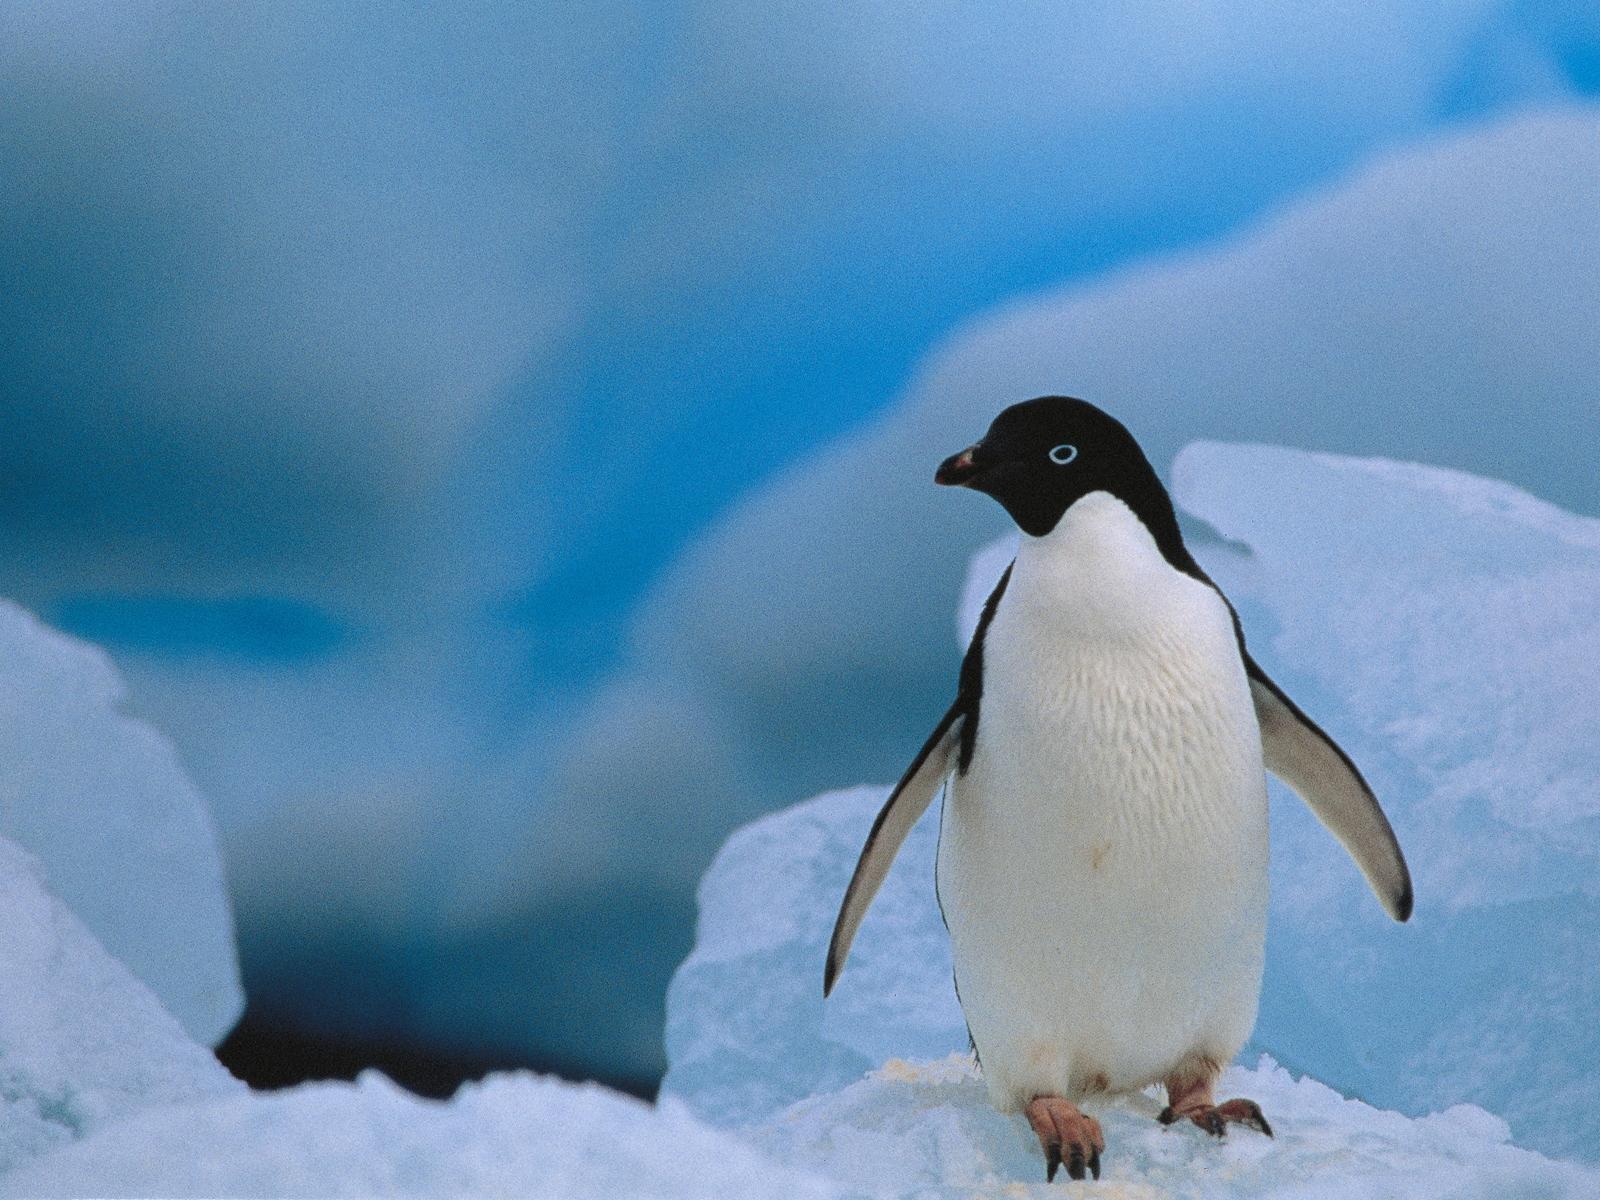 壁紙 1600x1200 ペンギン 動物 ダウンロード 写真